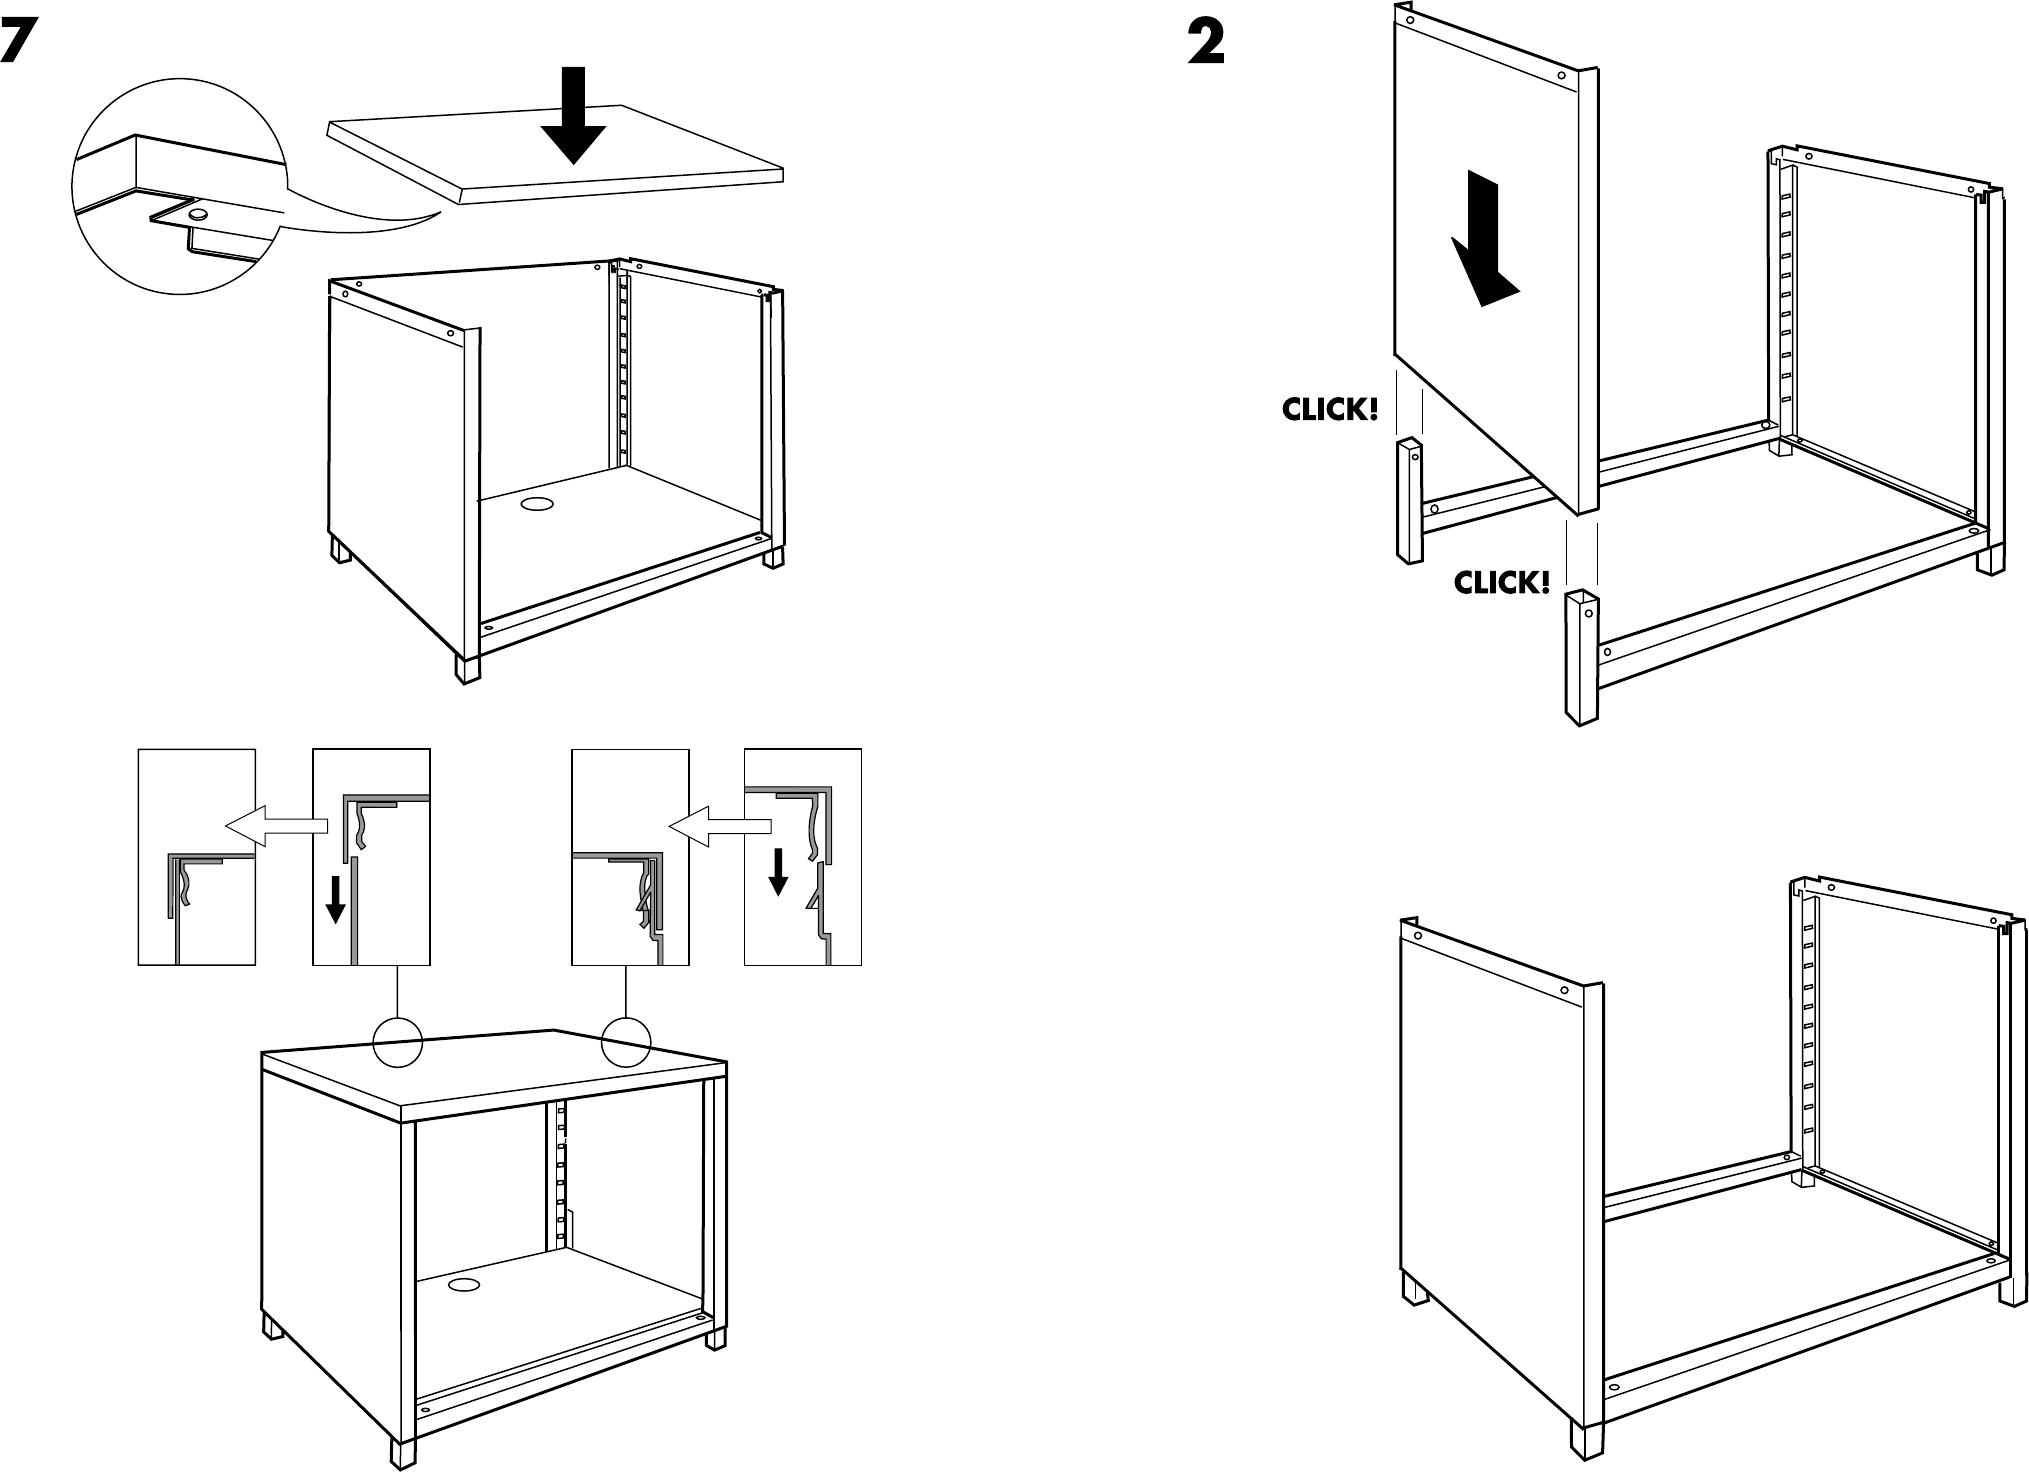 Handleiding Ikea Ps Kast Op Wielen Pagina 4 Van 6 Dansk